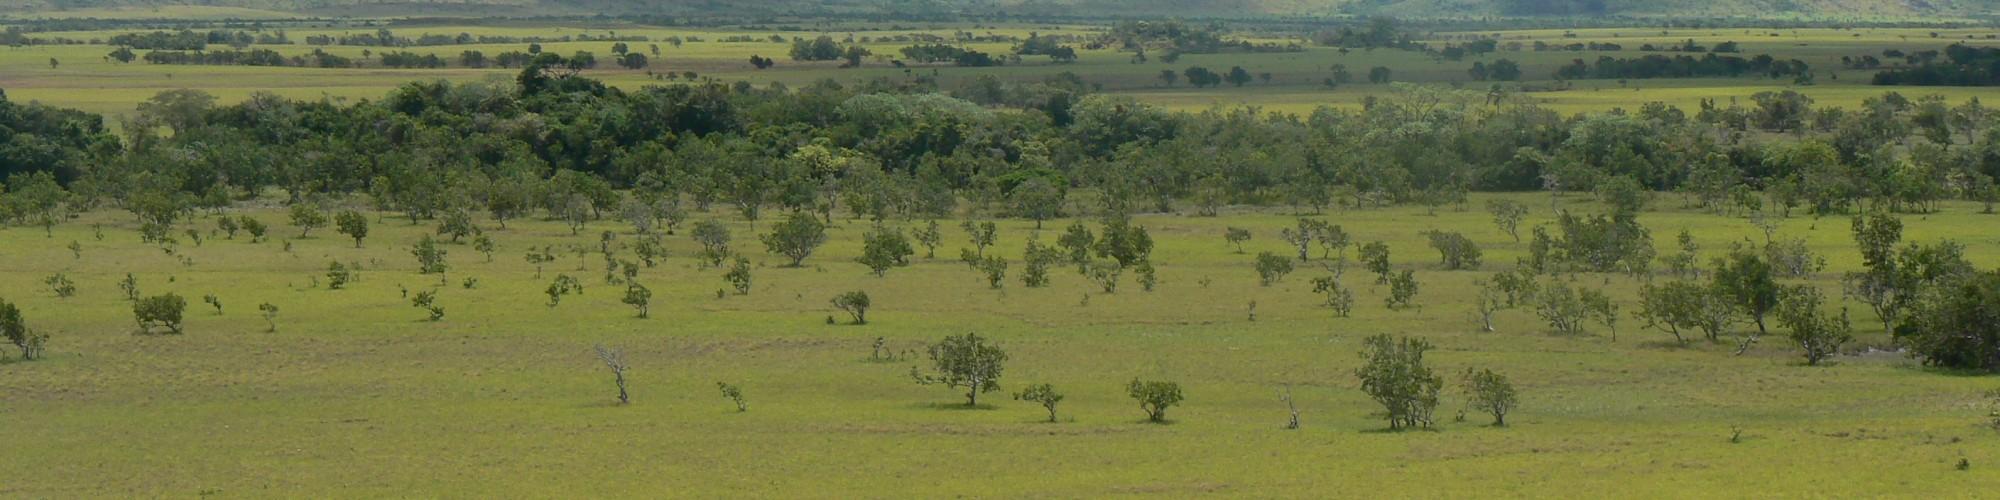 Guyana - Scenery